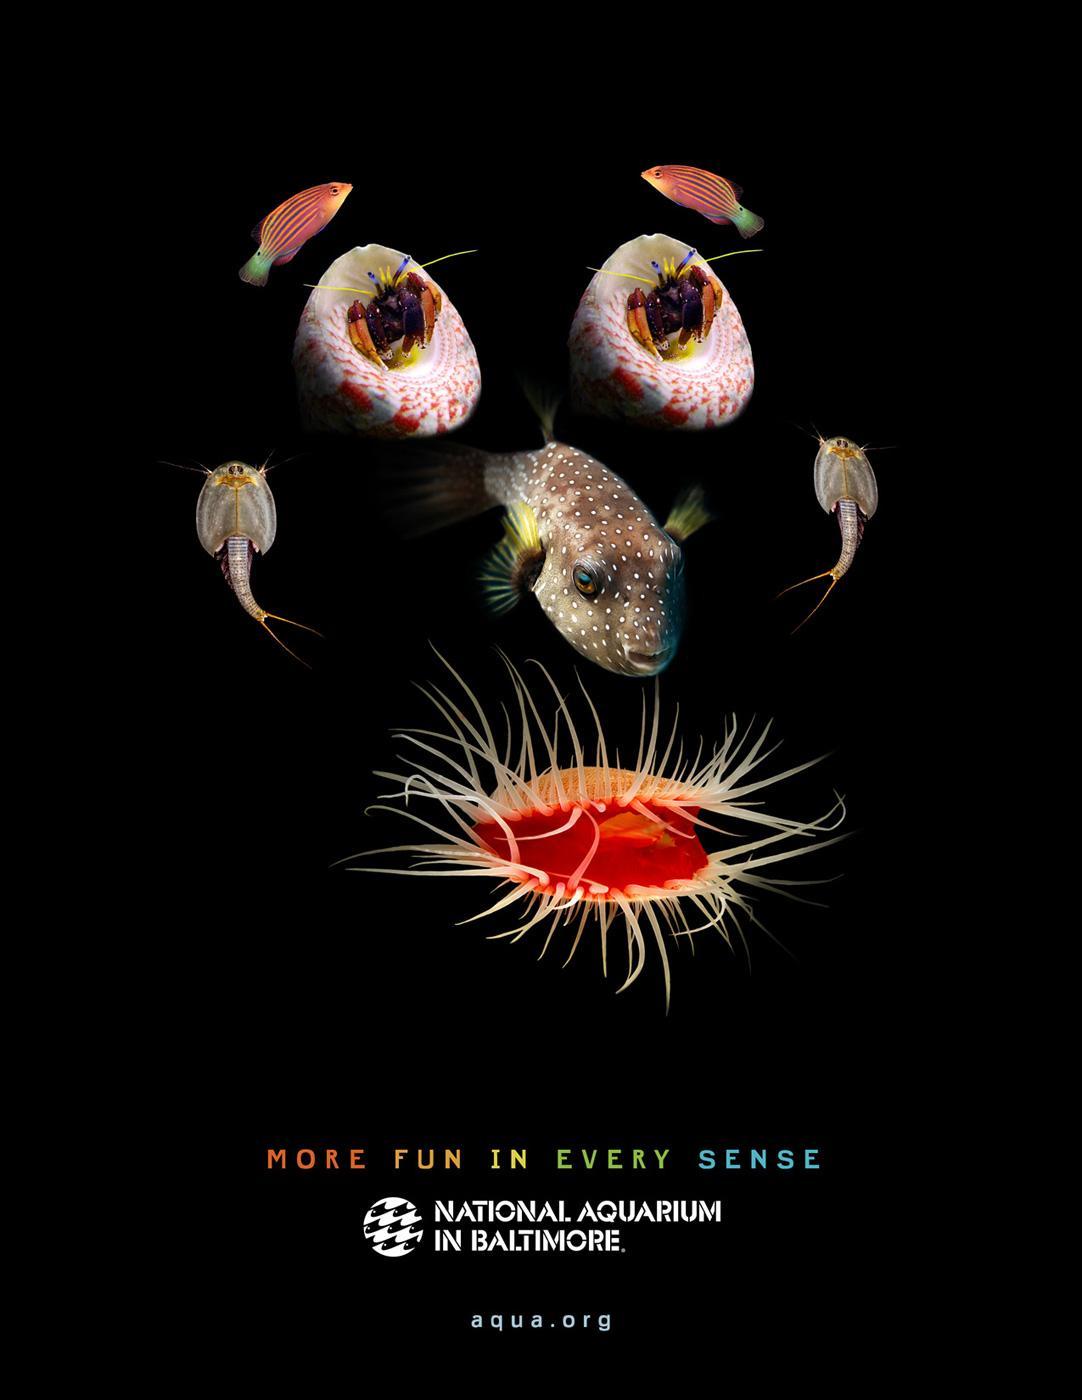 National Aquarium in Baltimore Print Ad -  More fun in every sense, 3